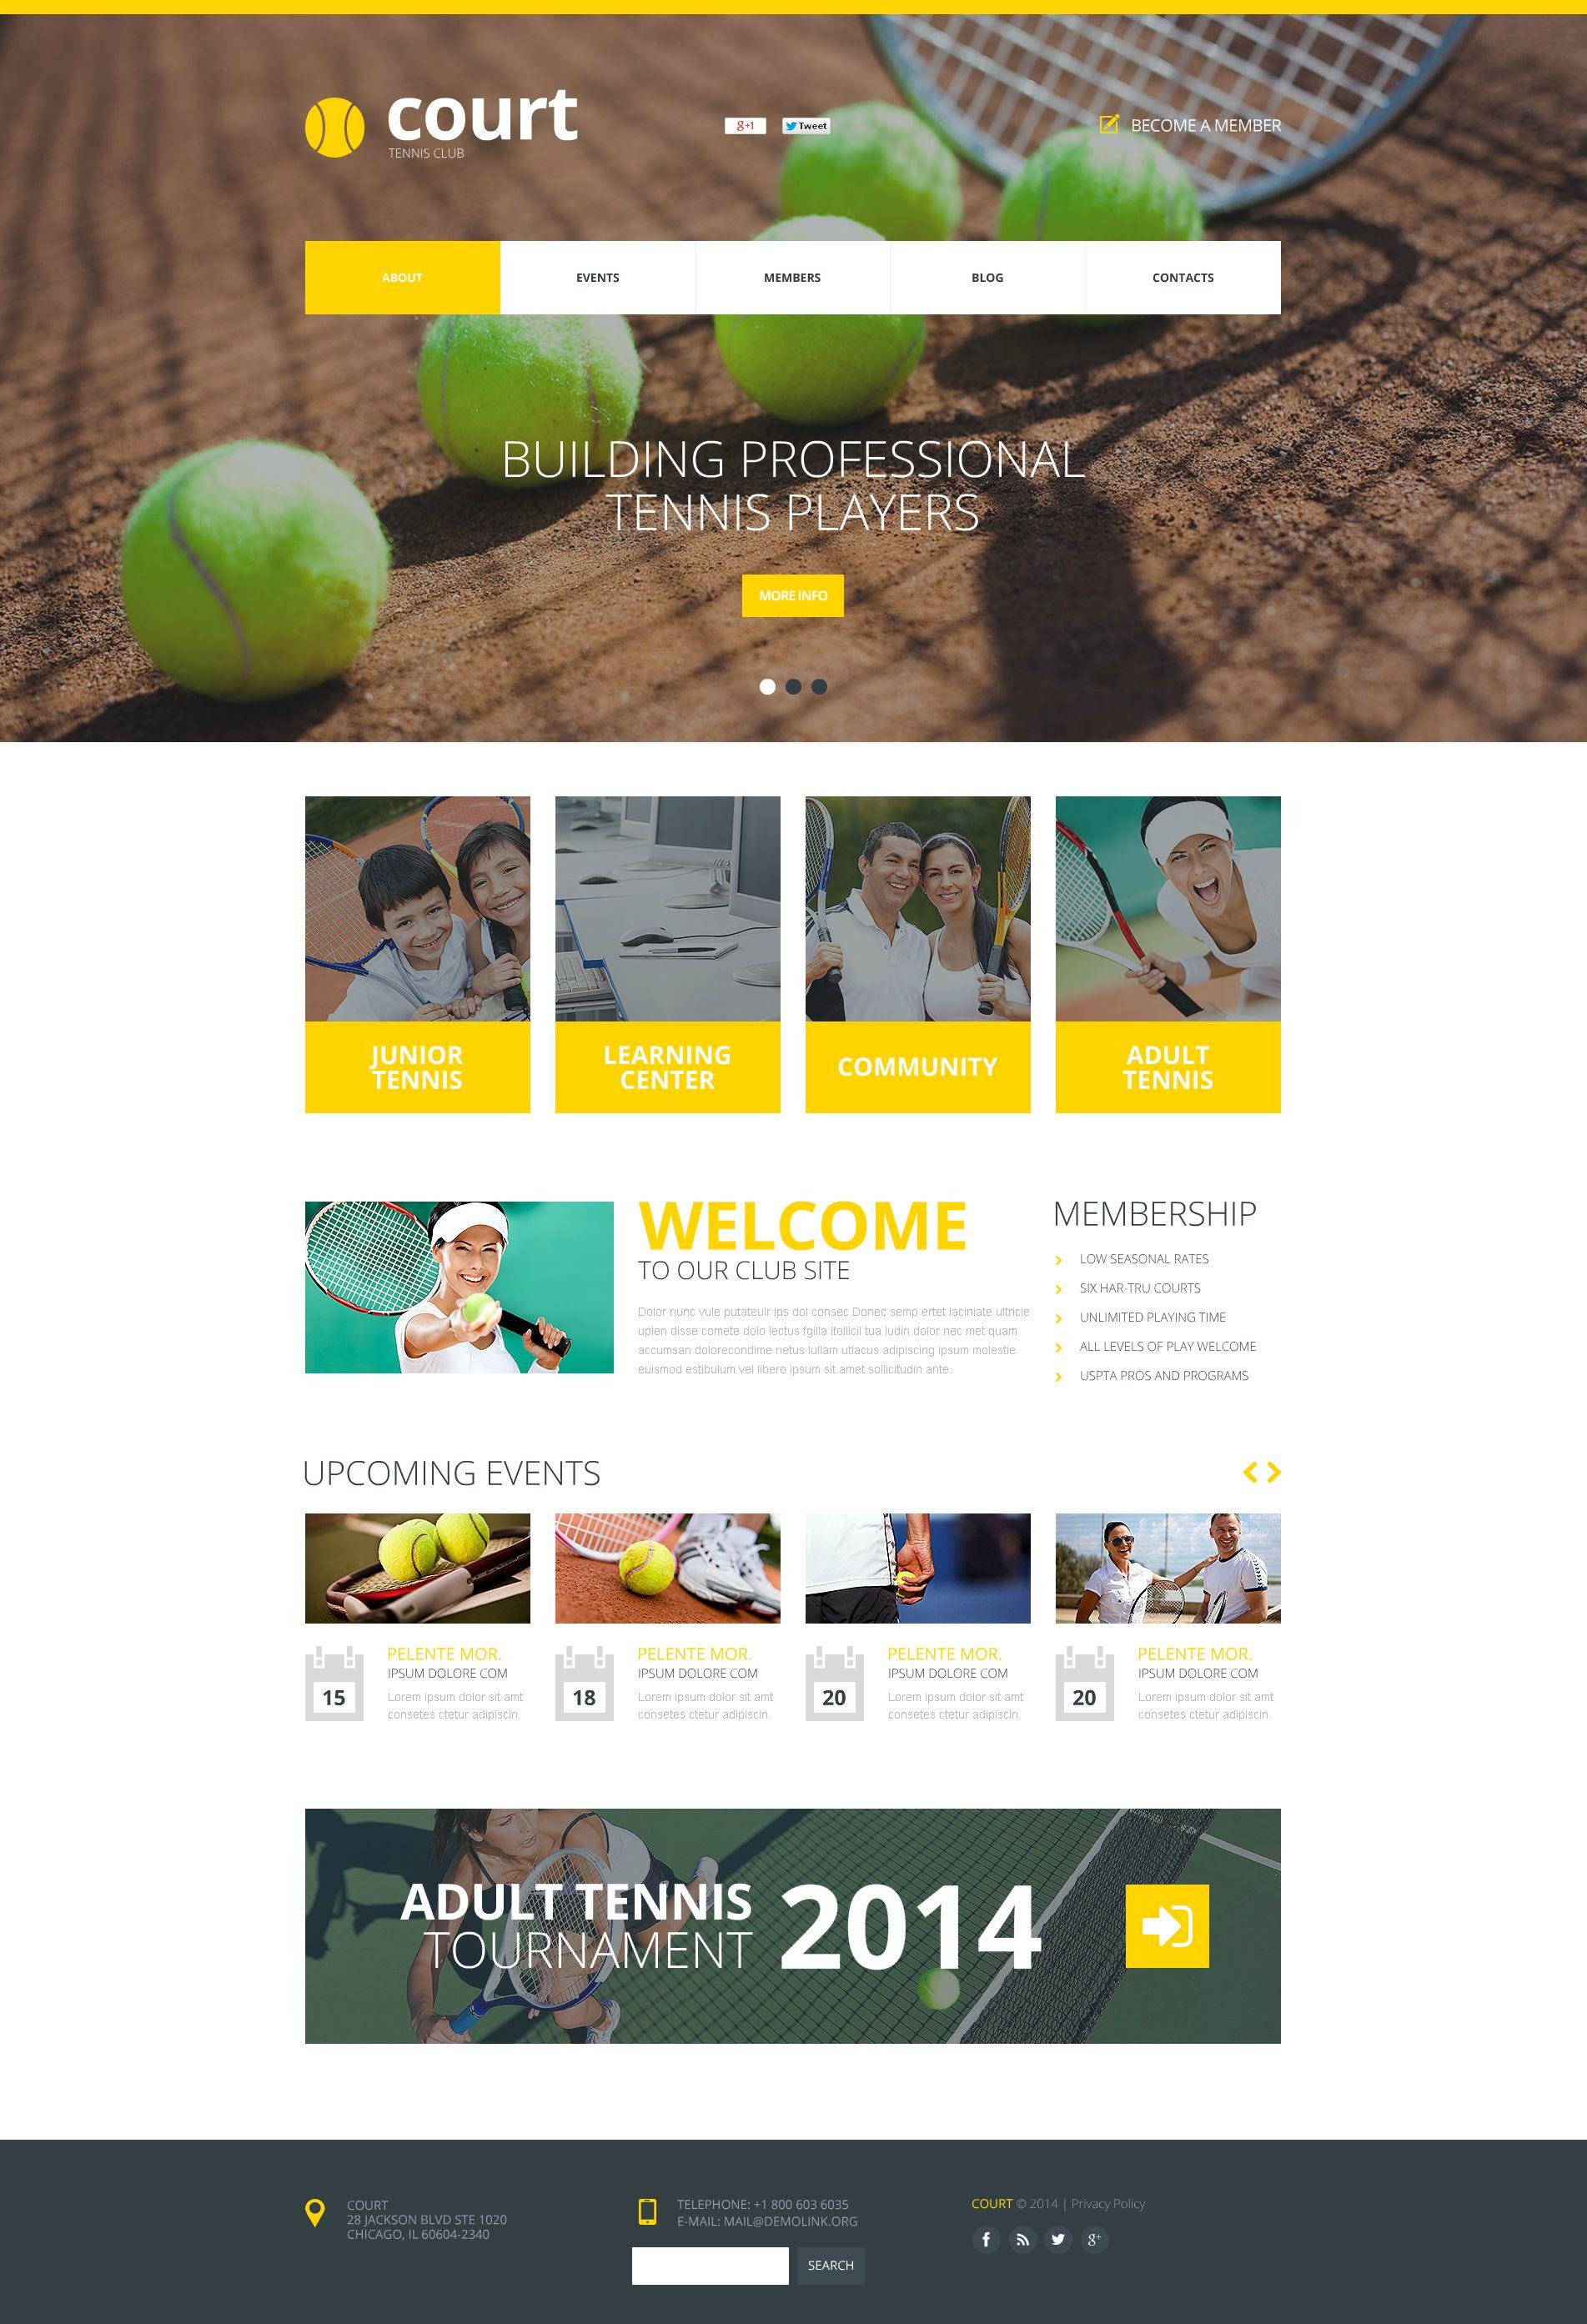 Modèle Flash CMS Premium pour site de tennis #50644 - screenshot